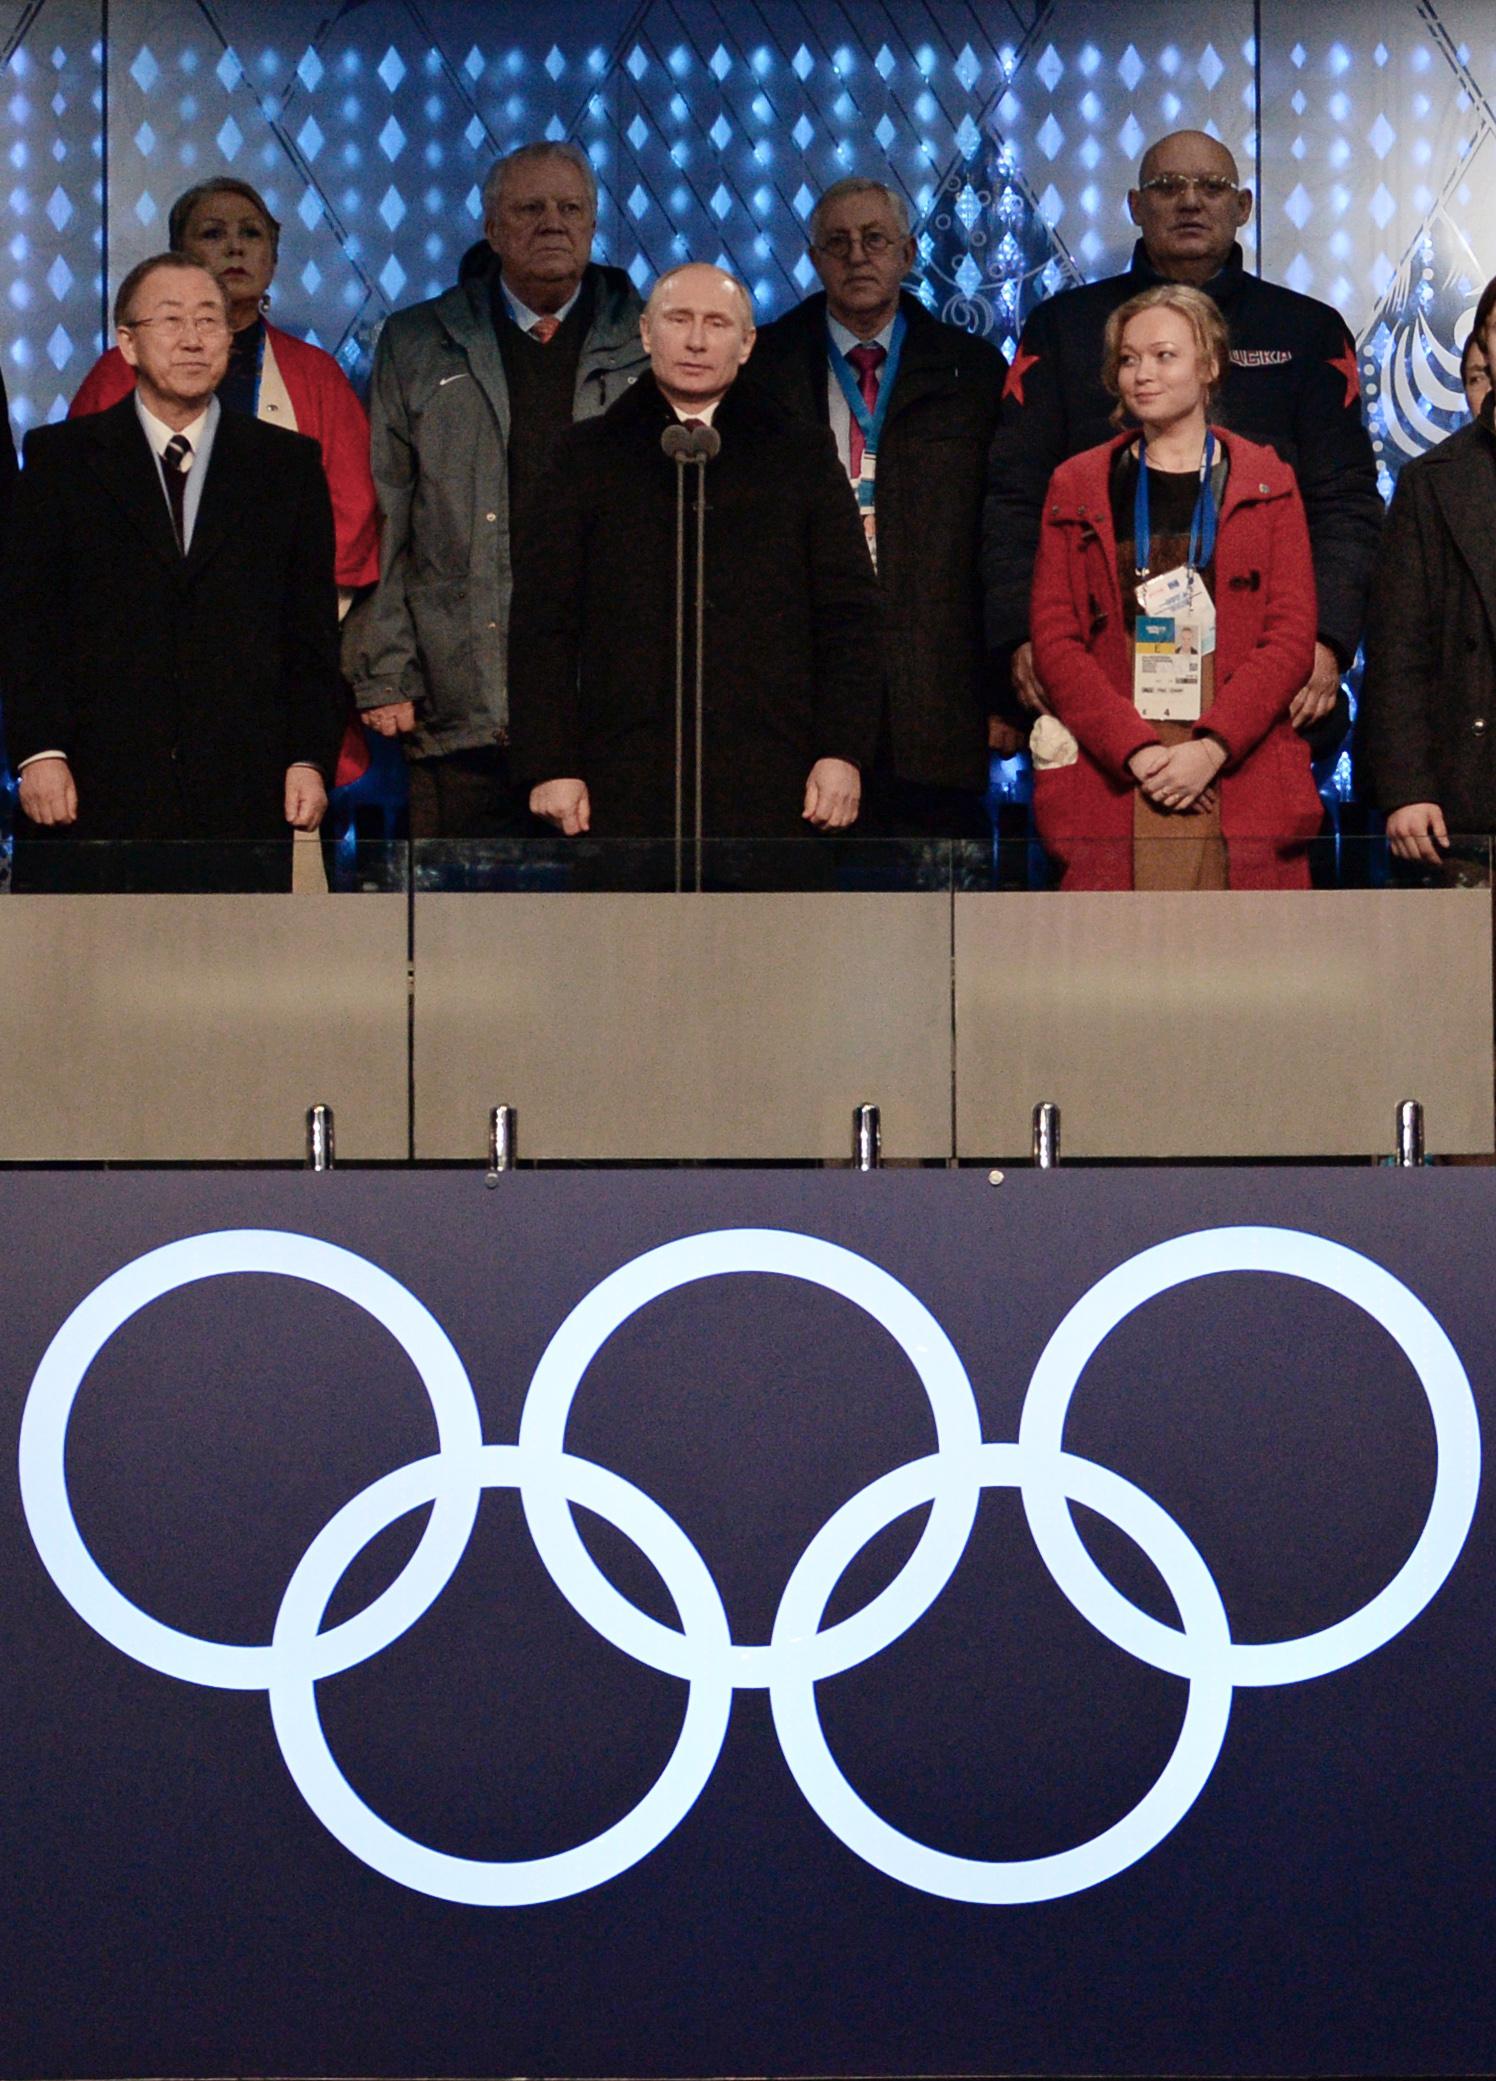 летниие олимпияда году где будет